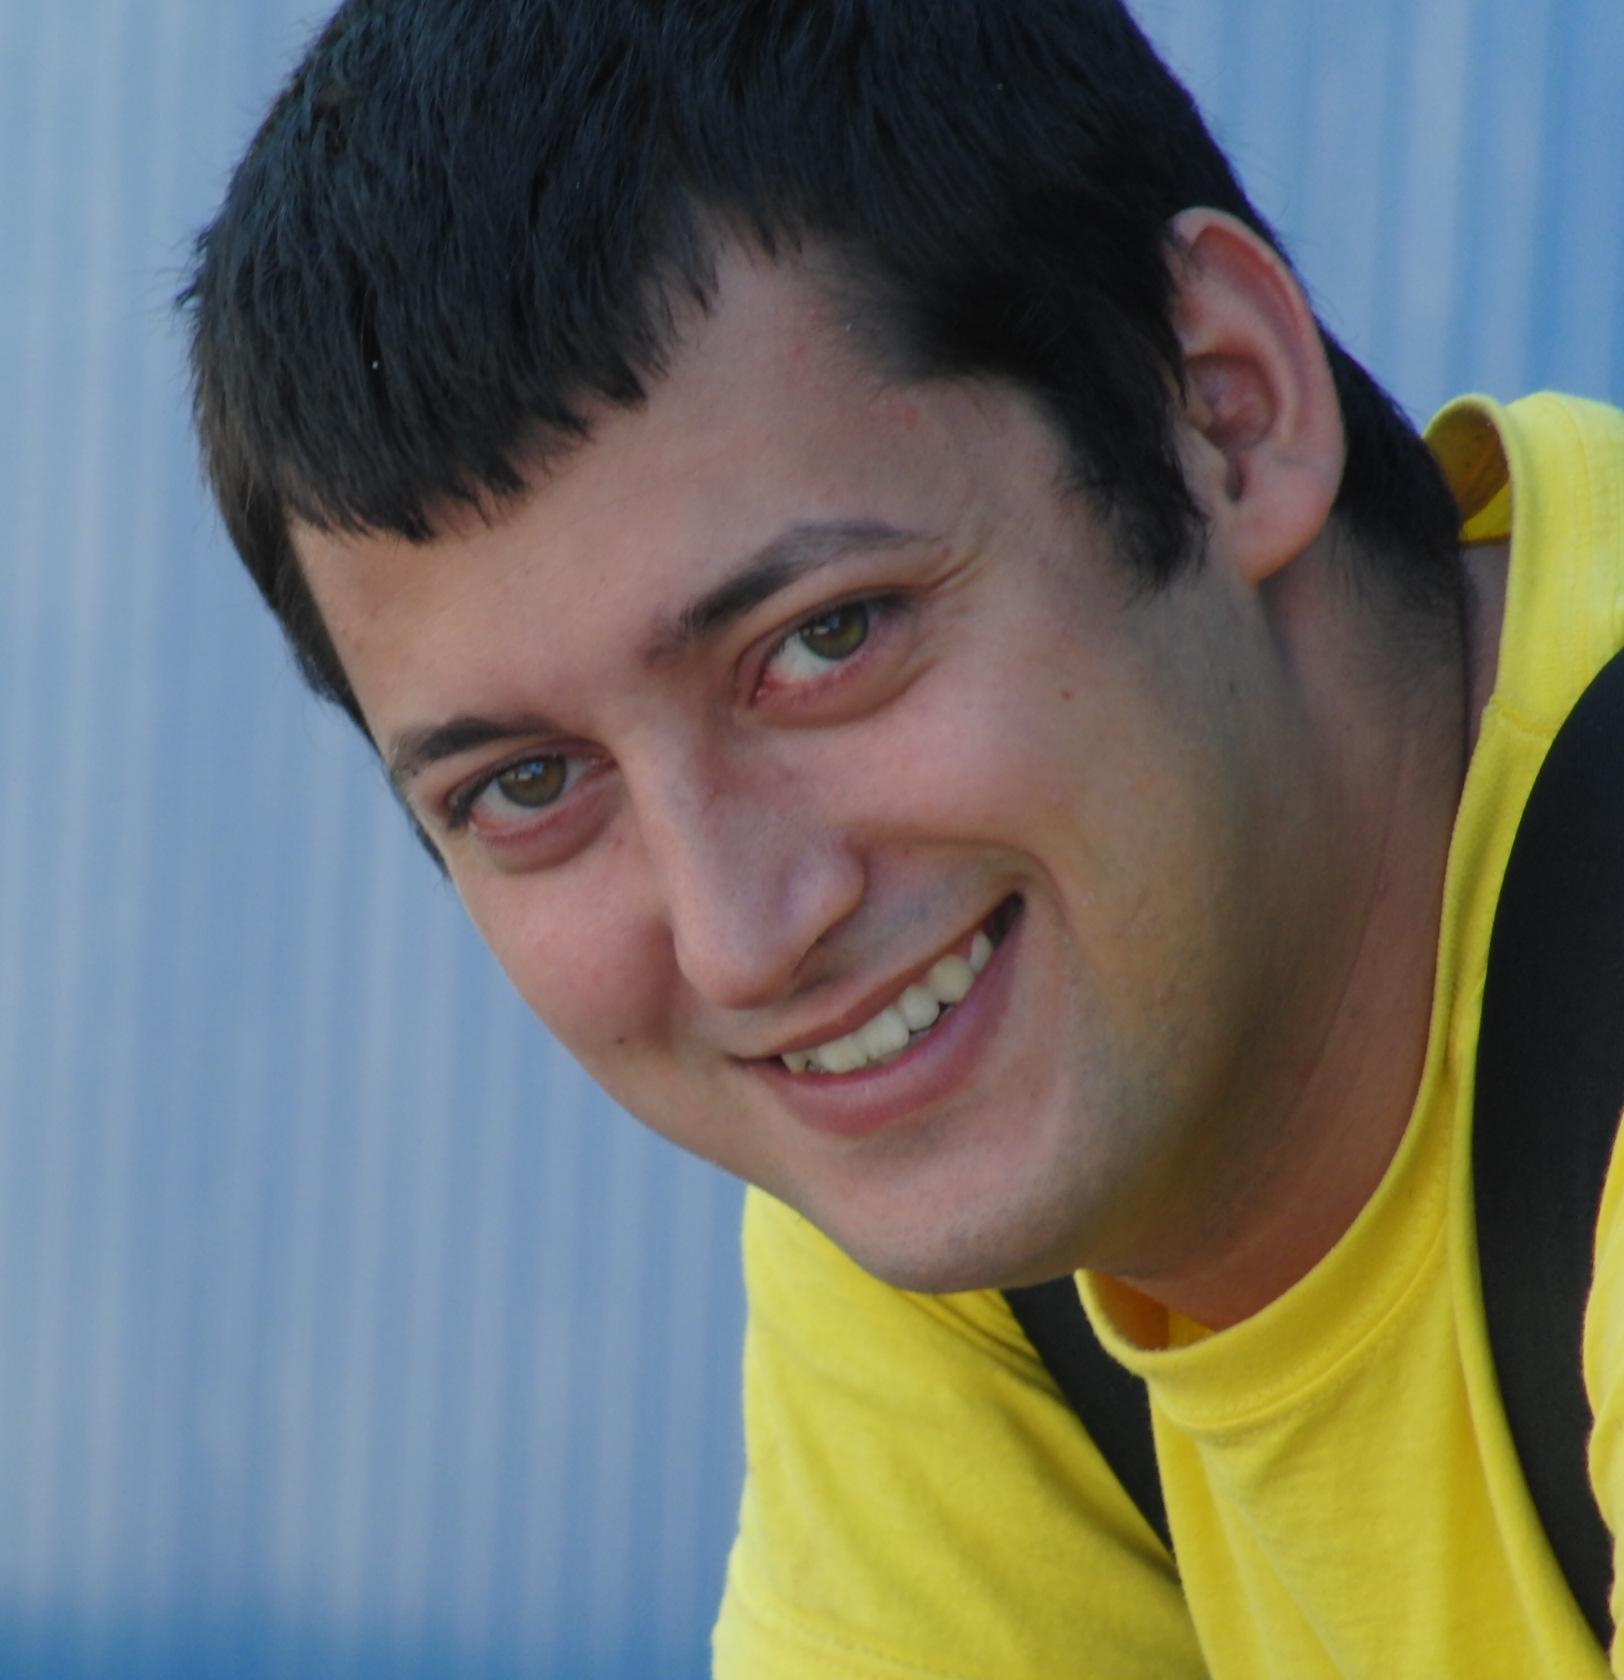 Venislav Petrov